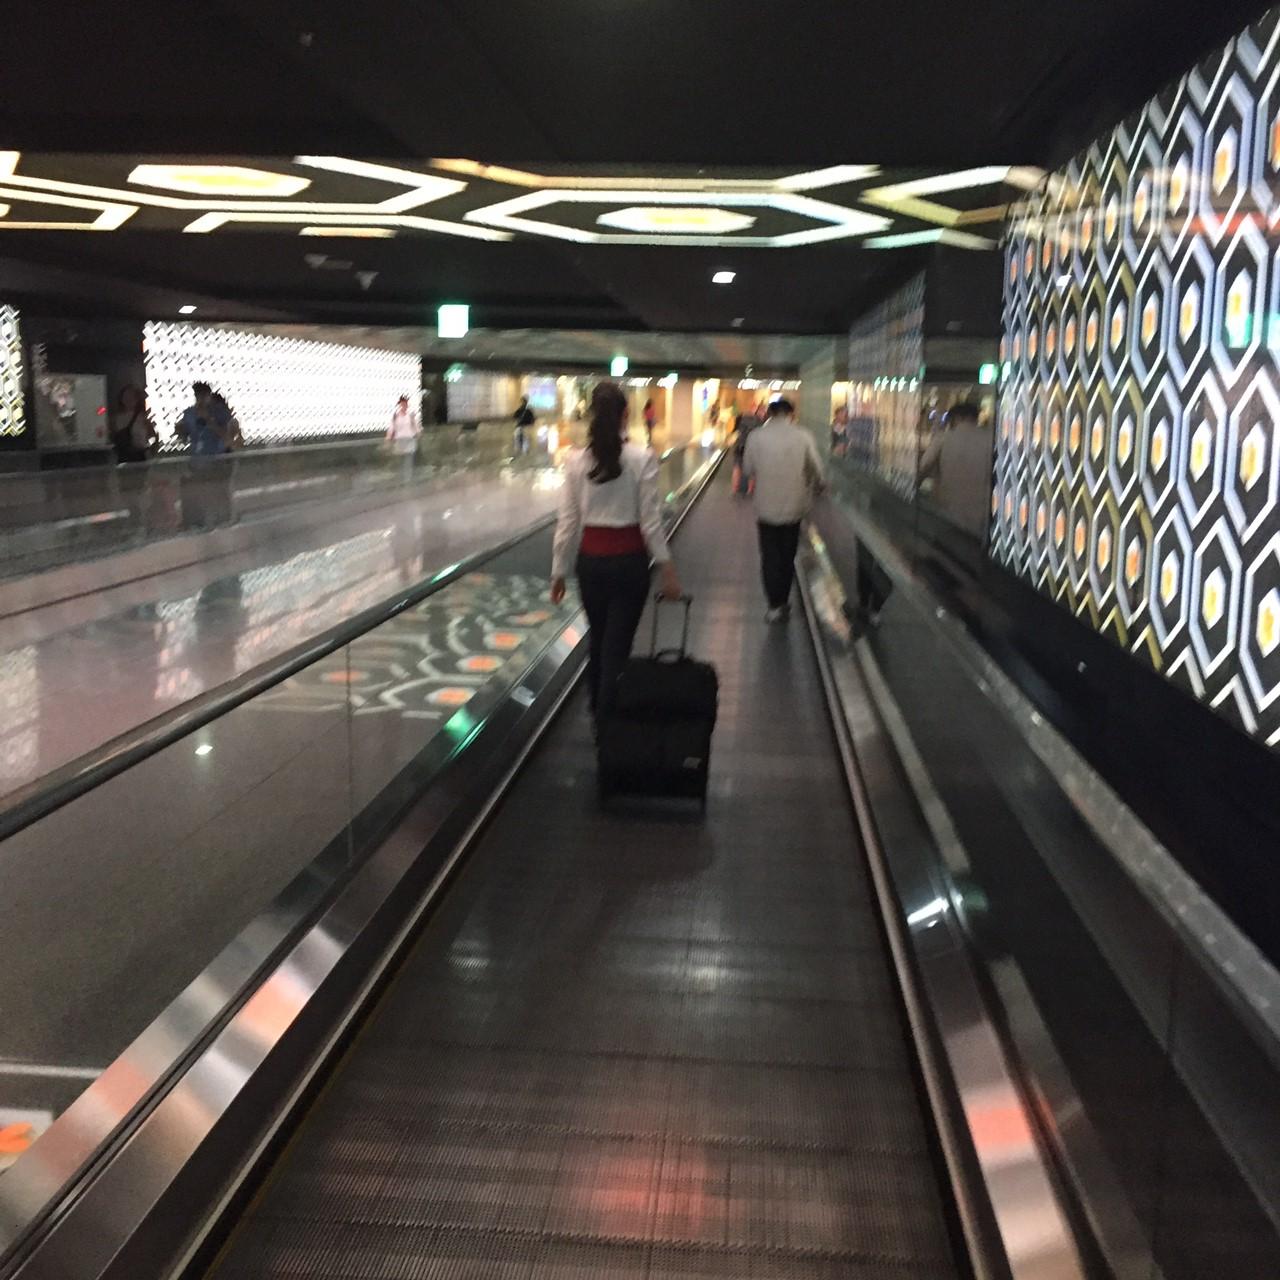 仁川空港第1ターミナル 地下1階 交通センター 連絡通路